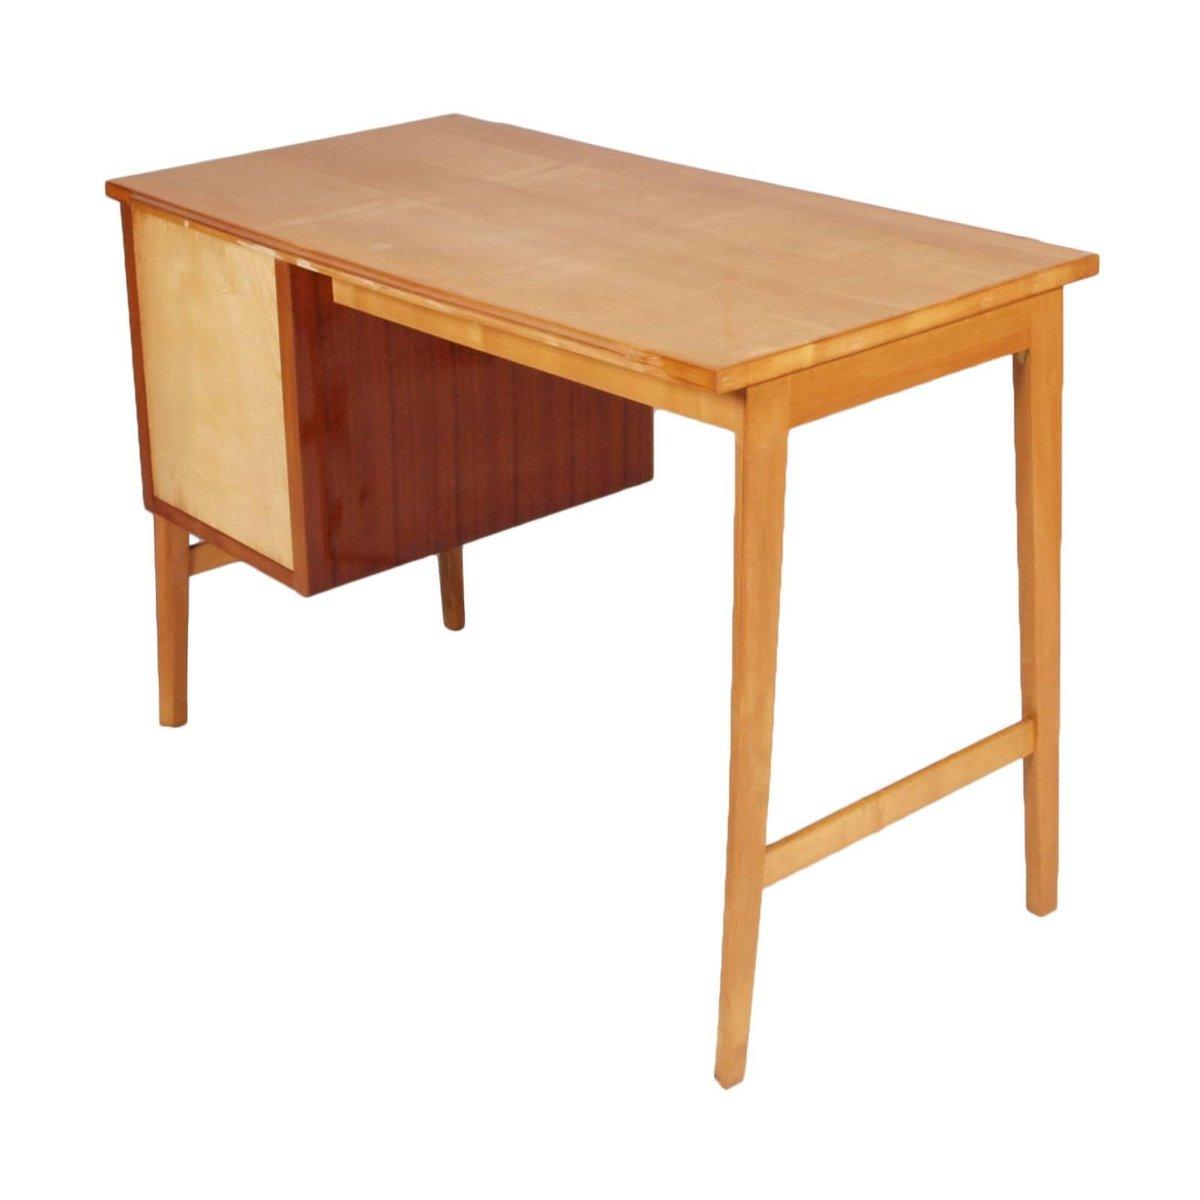 Mid century modern schreibtisch aus buchenholz ahorn und for Schreibtisch aus ahorn